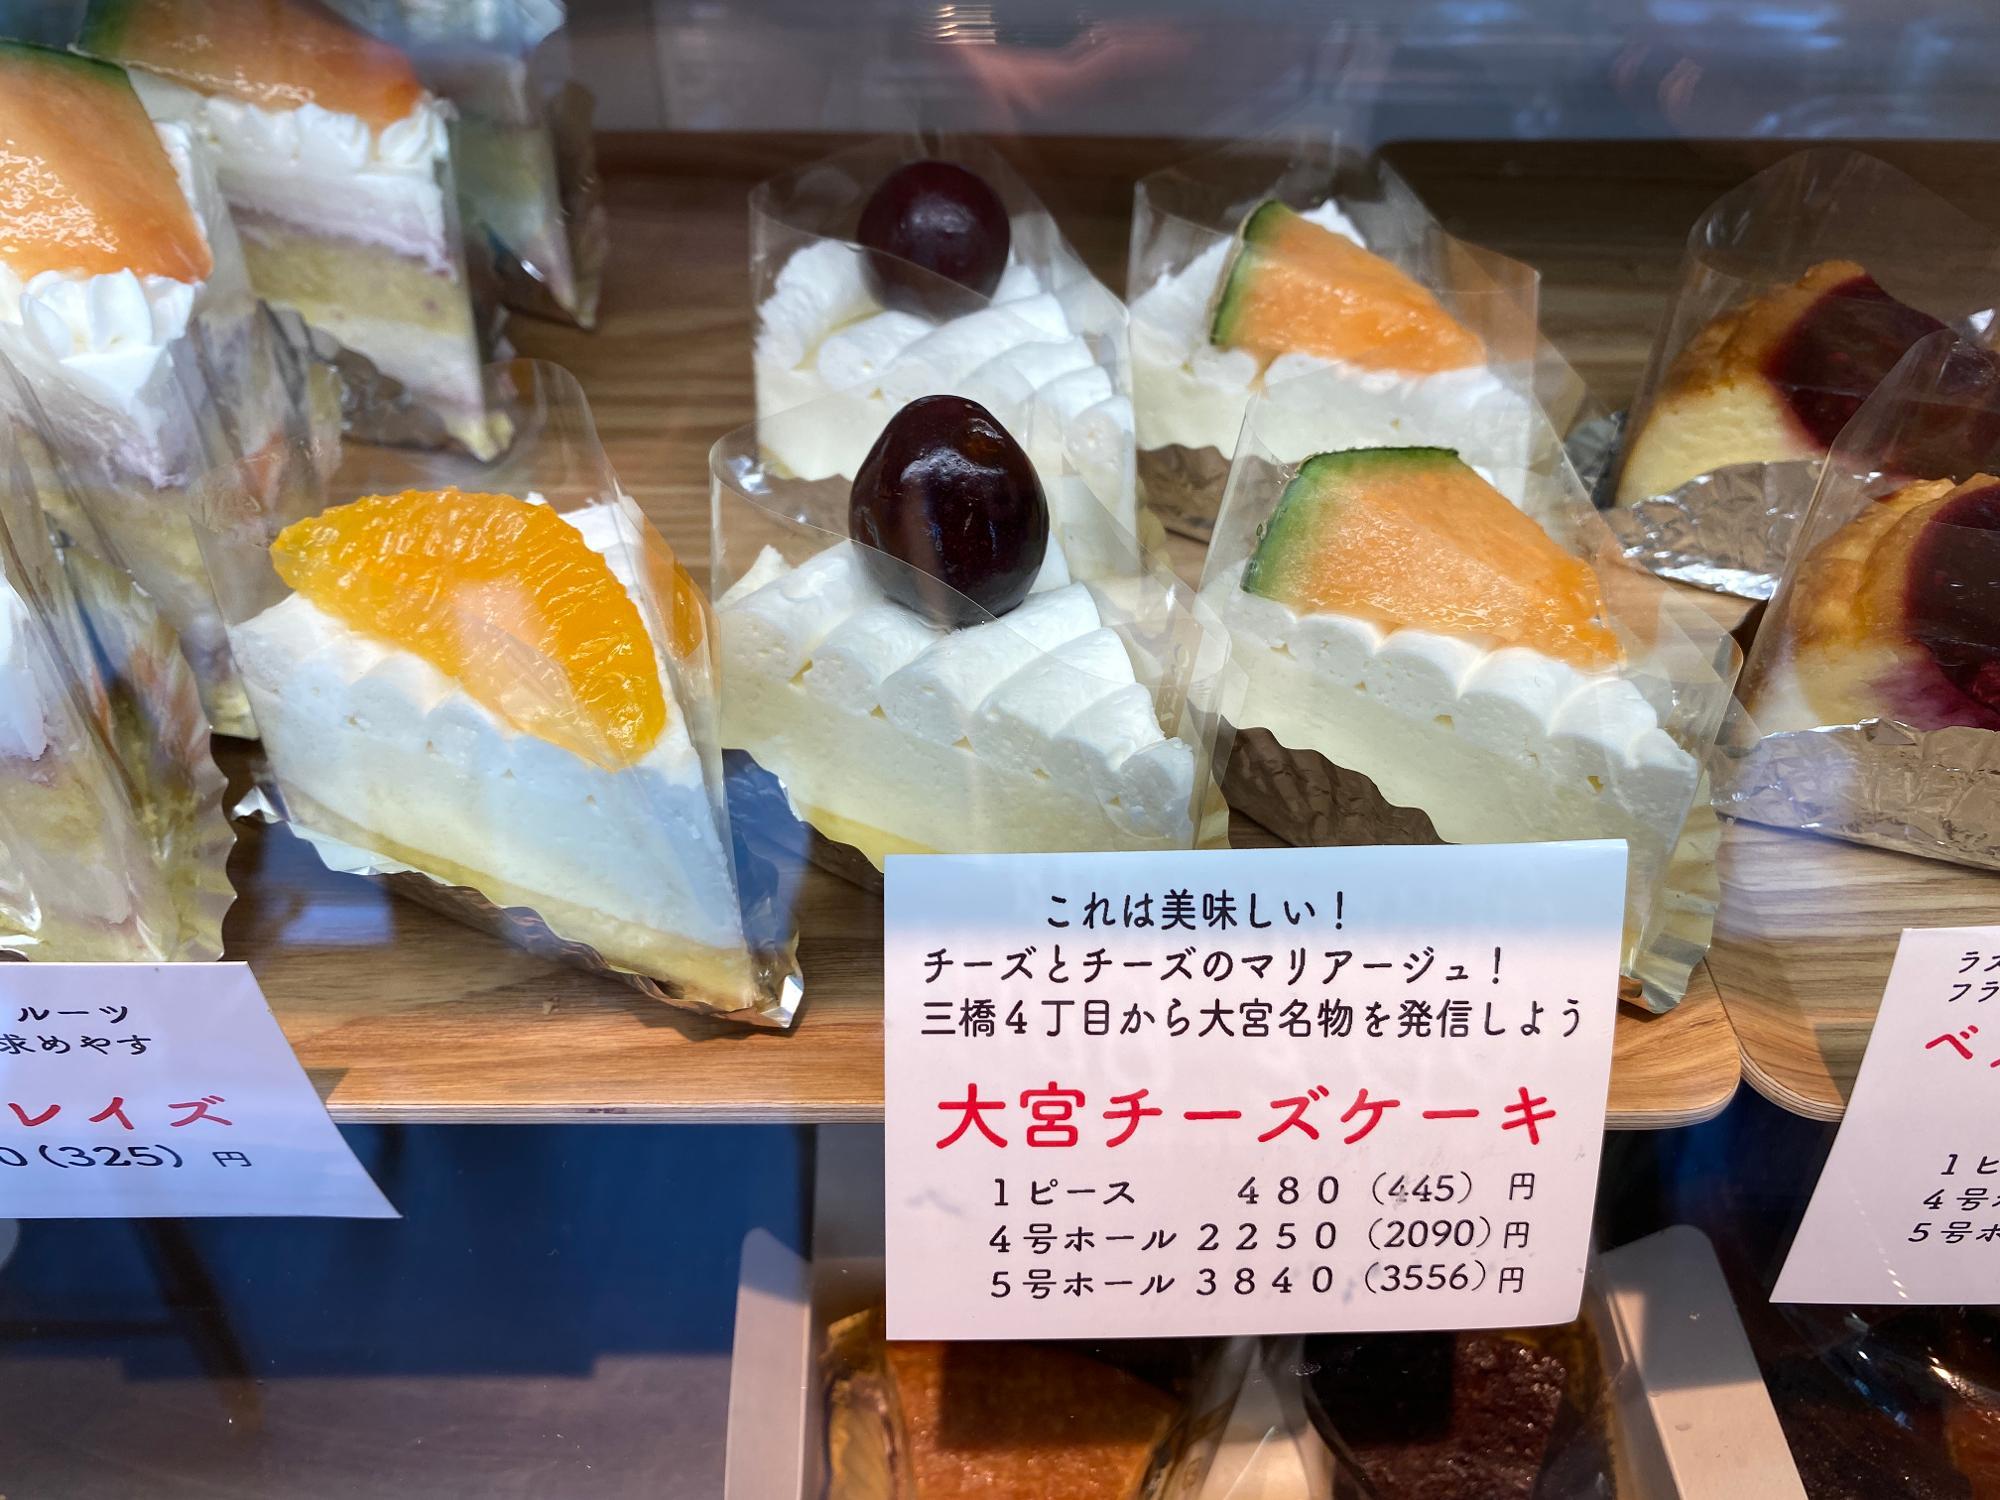 大宮チーズケーキ(480円)。フルーツは好きなものが選べる